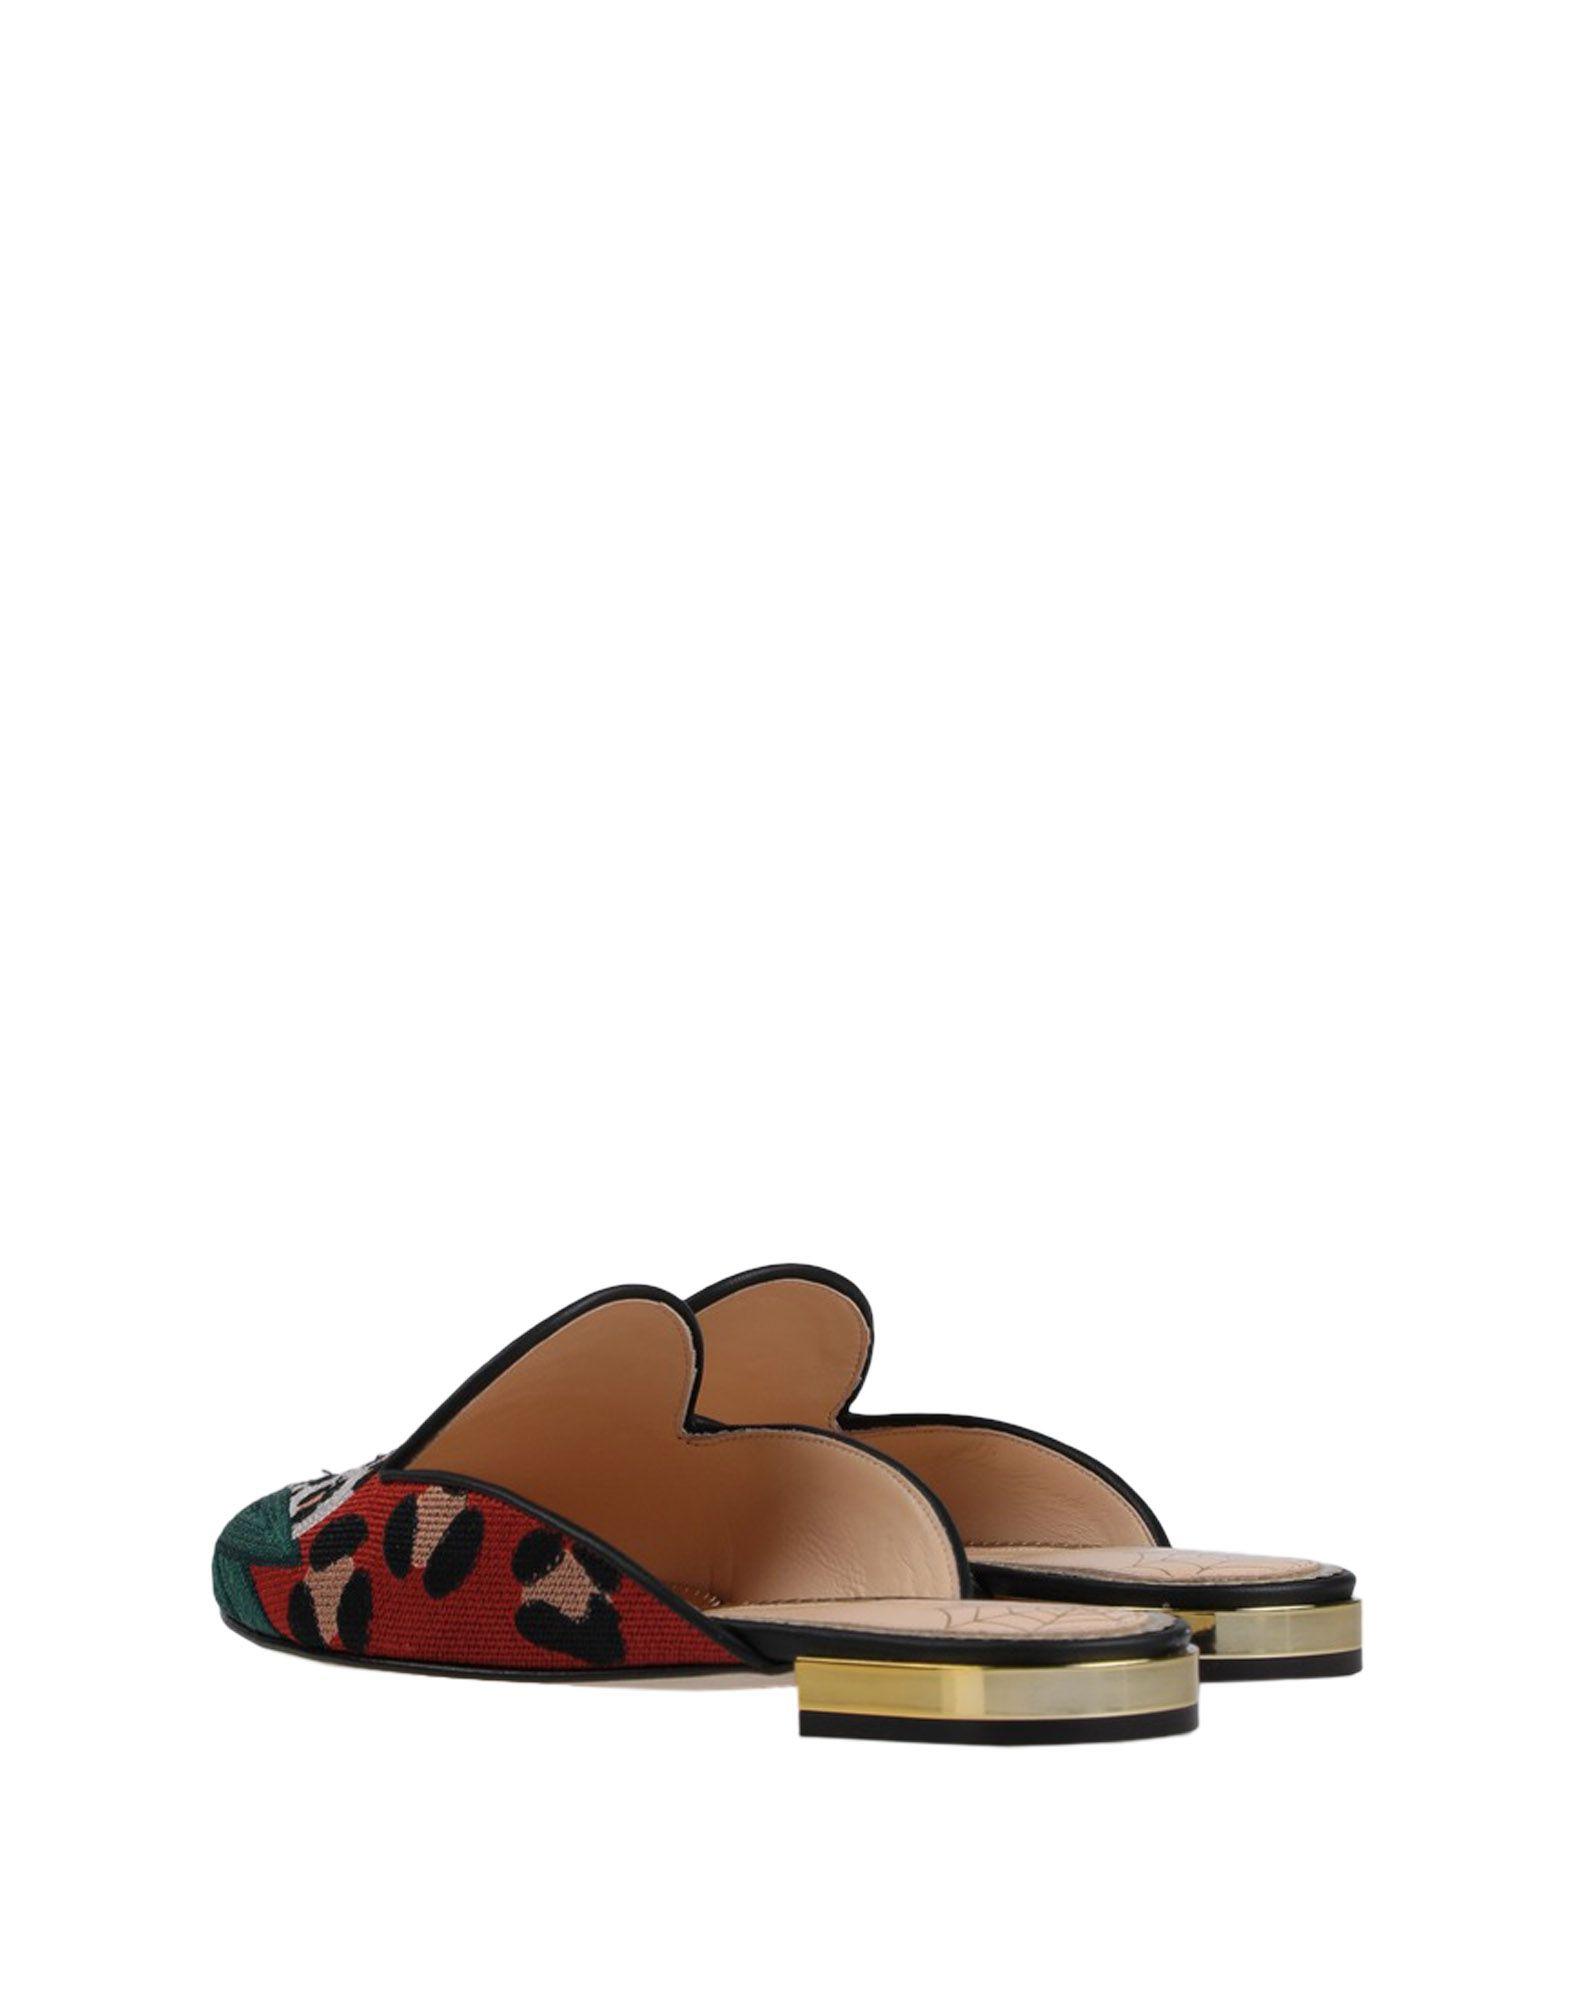 Stilvolle billige Schuhe Charlotte Olympia 11562588GD Pantoletten Damen  11562588GD Olympia 87b719